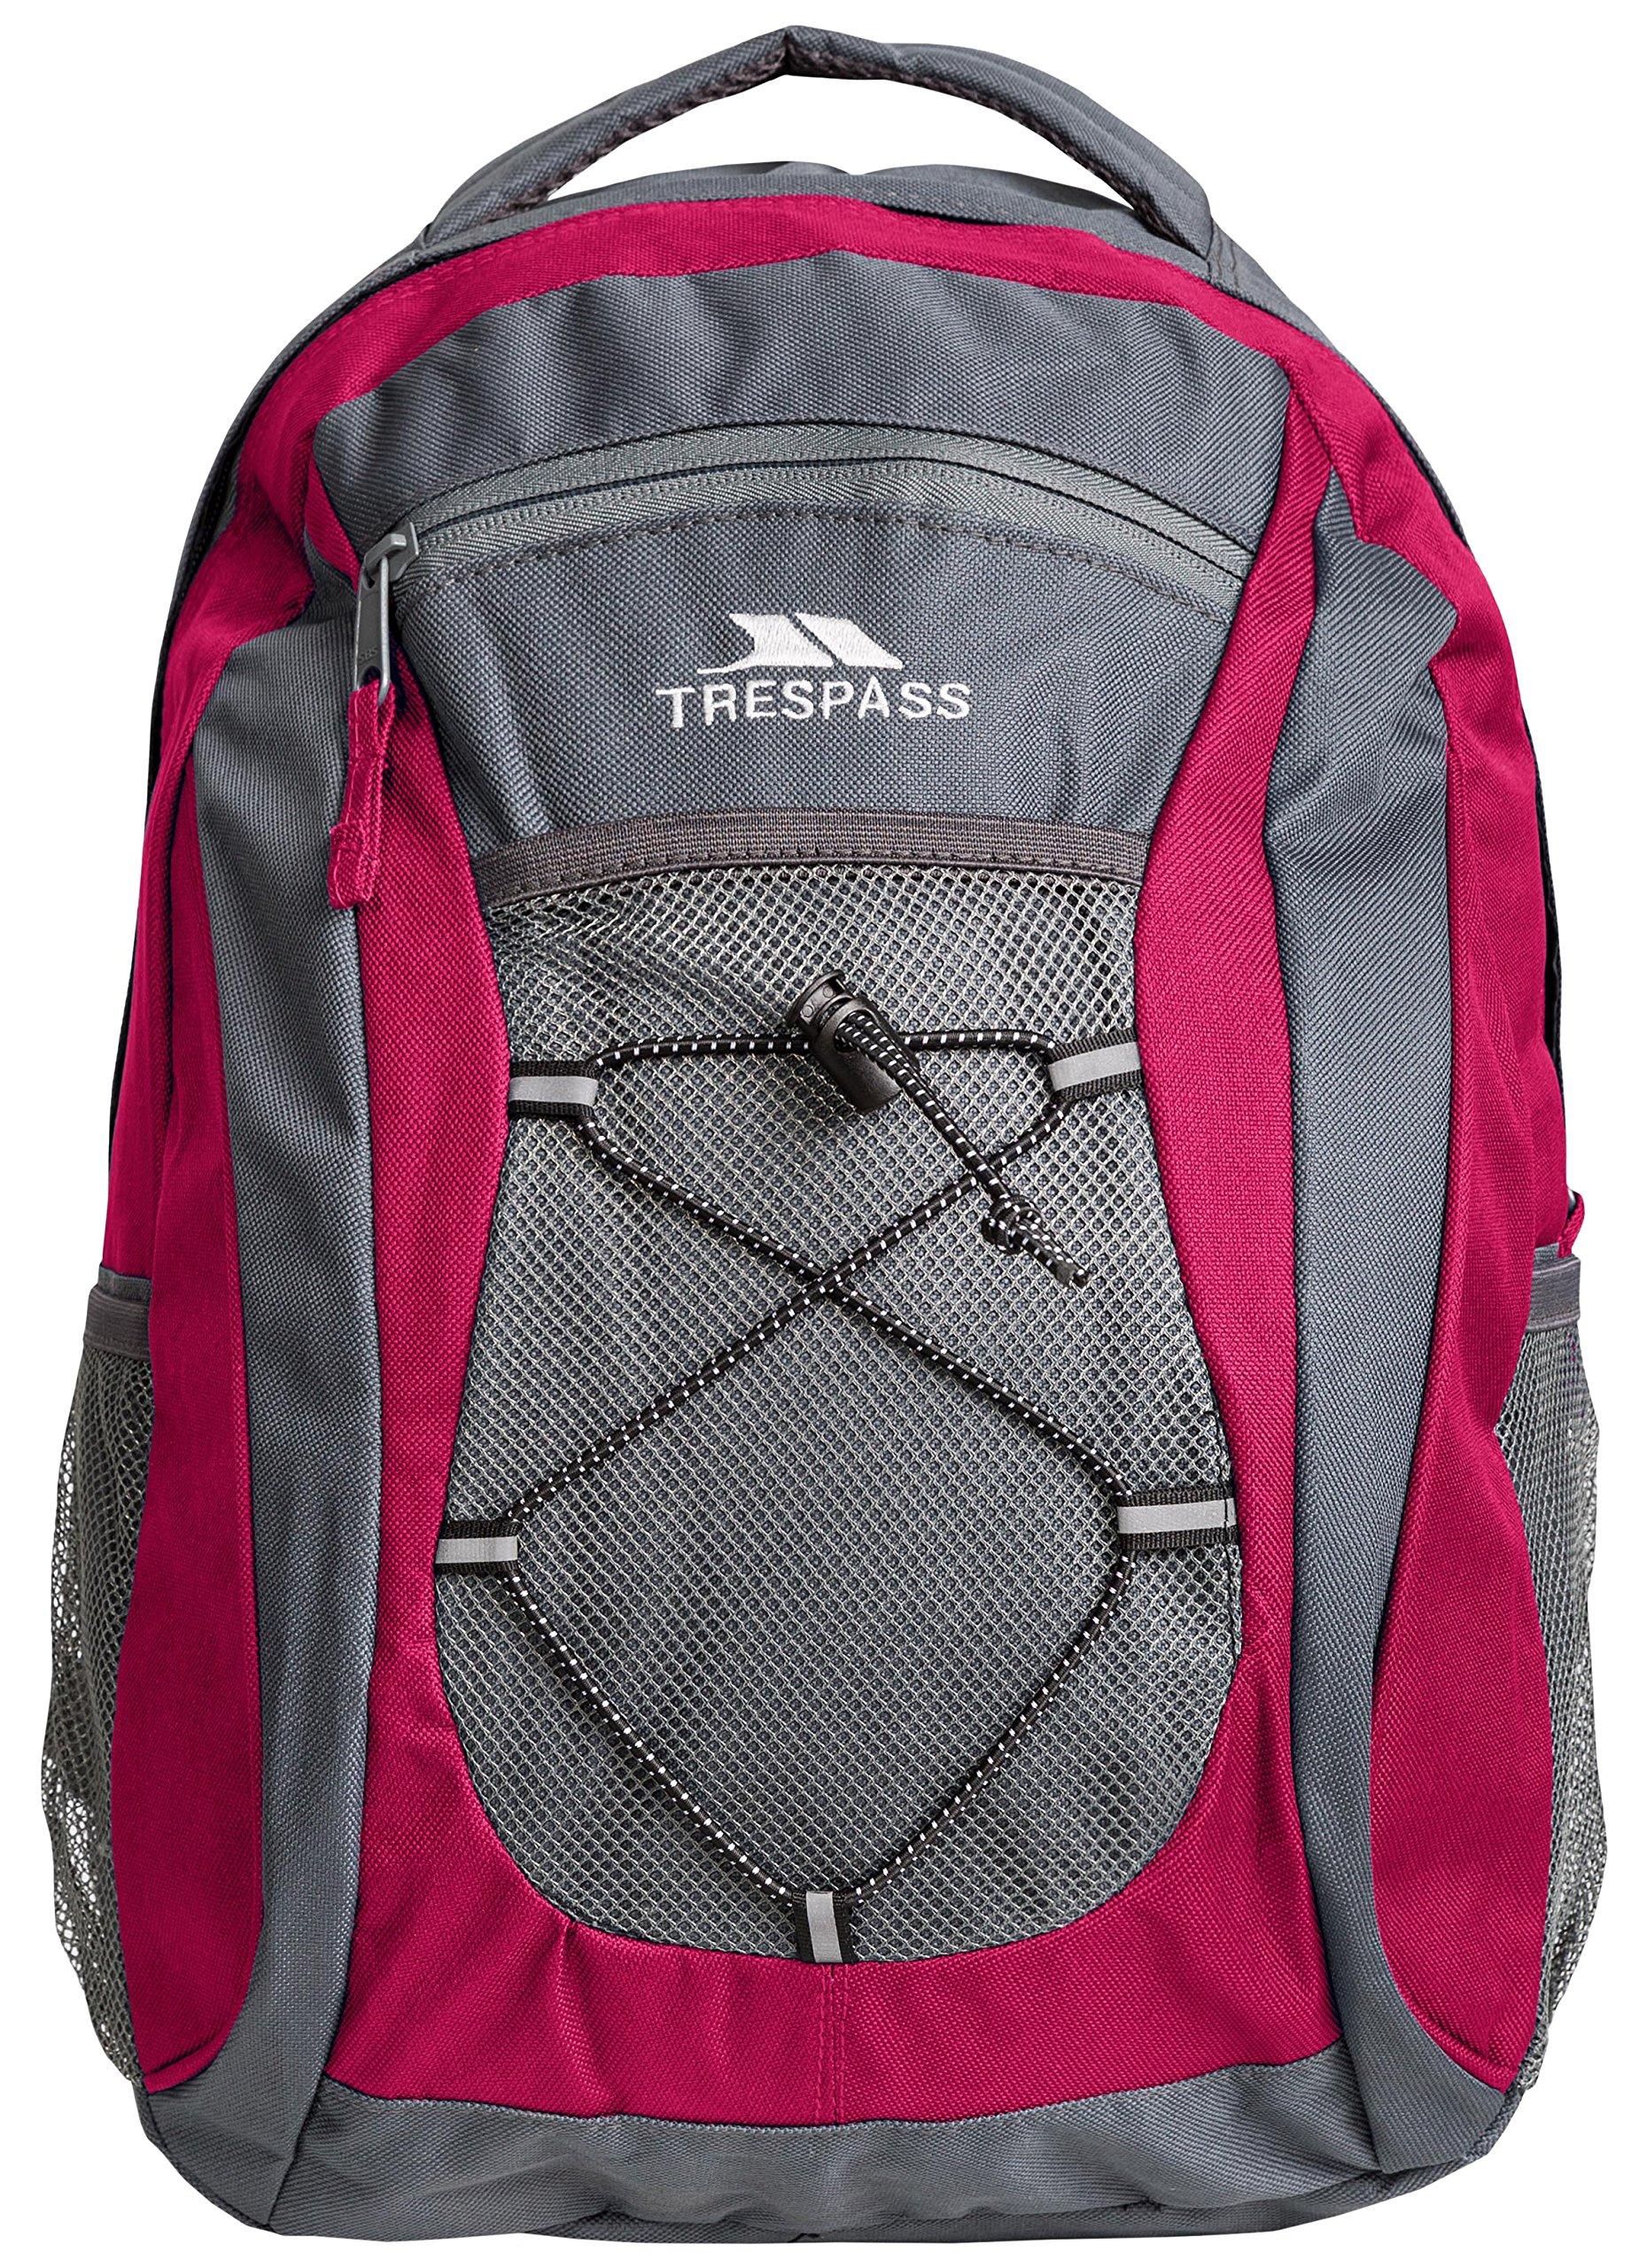 Trespass Neroli Backpack/Rucksack, 28 Litre 1